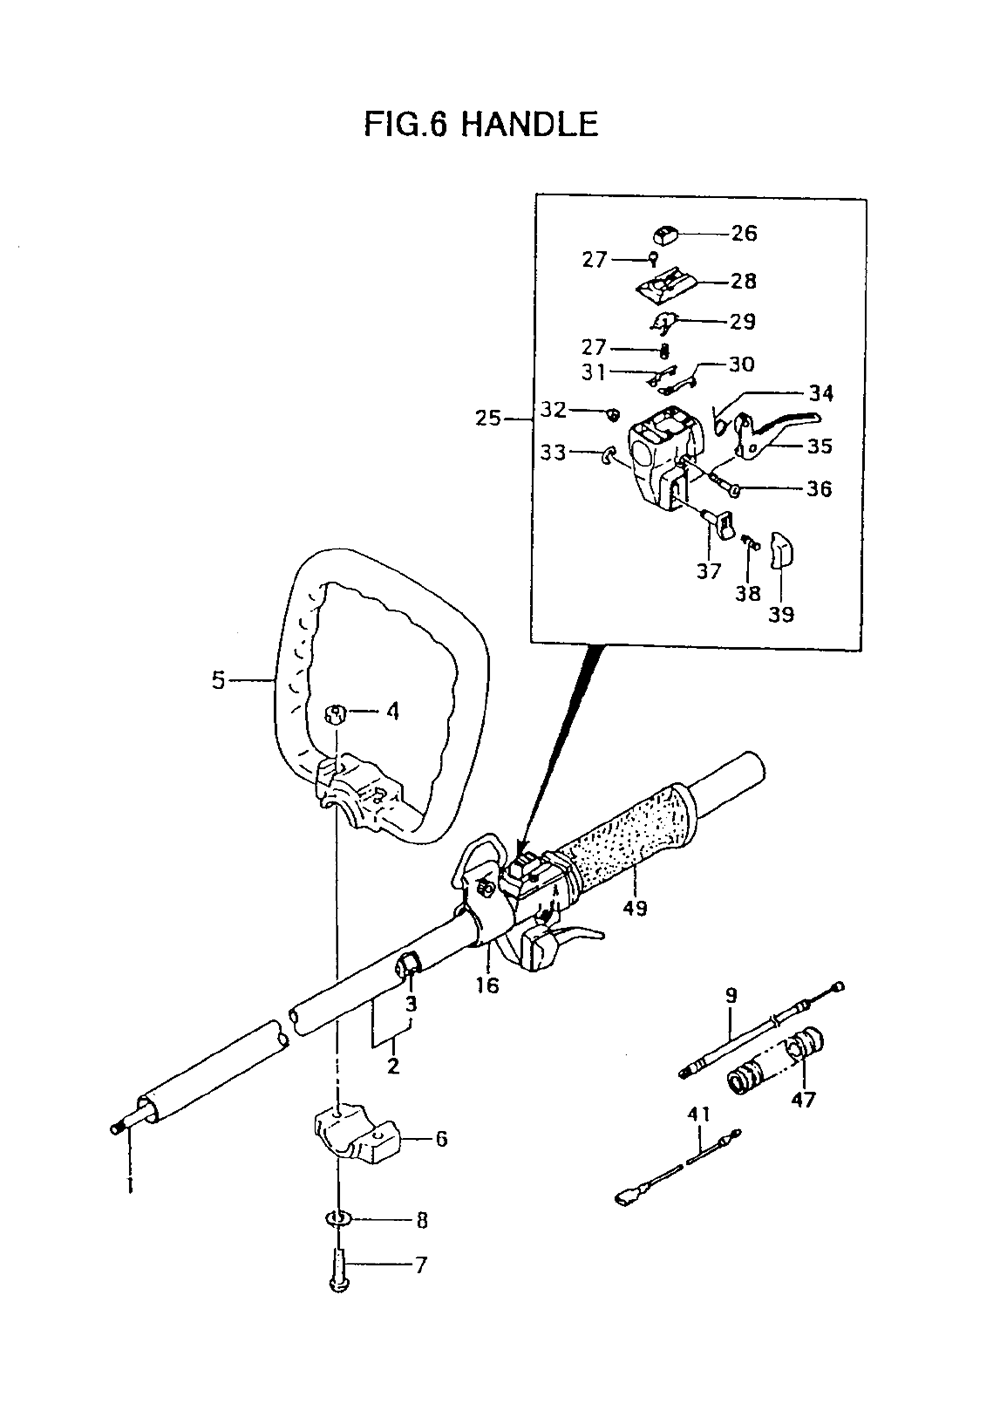 TBC-4501-Tanaka-PB-5Break Down